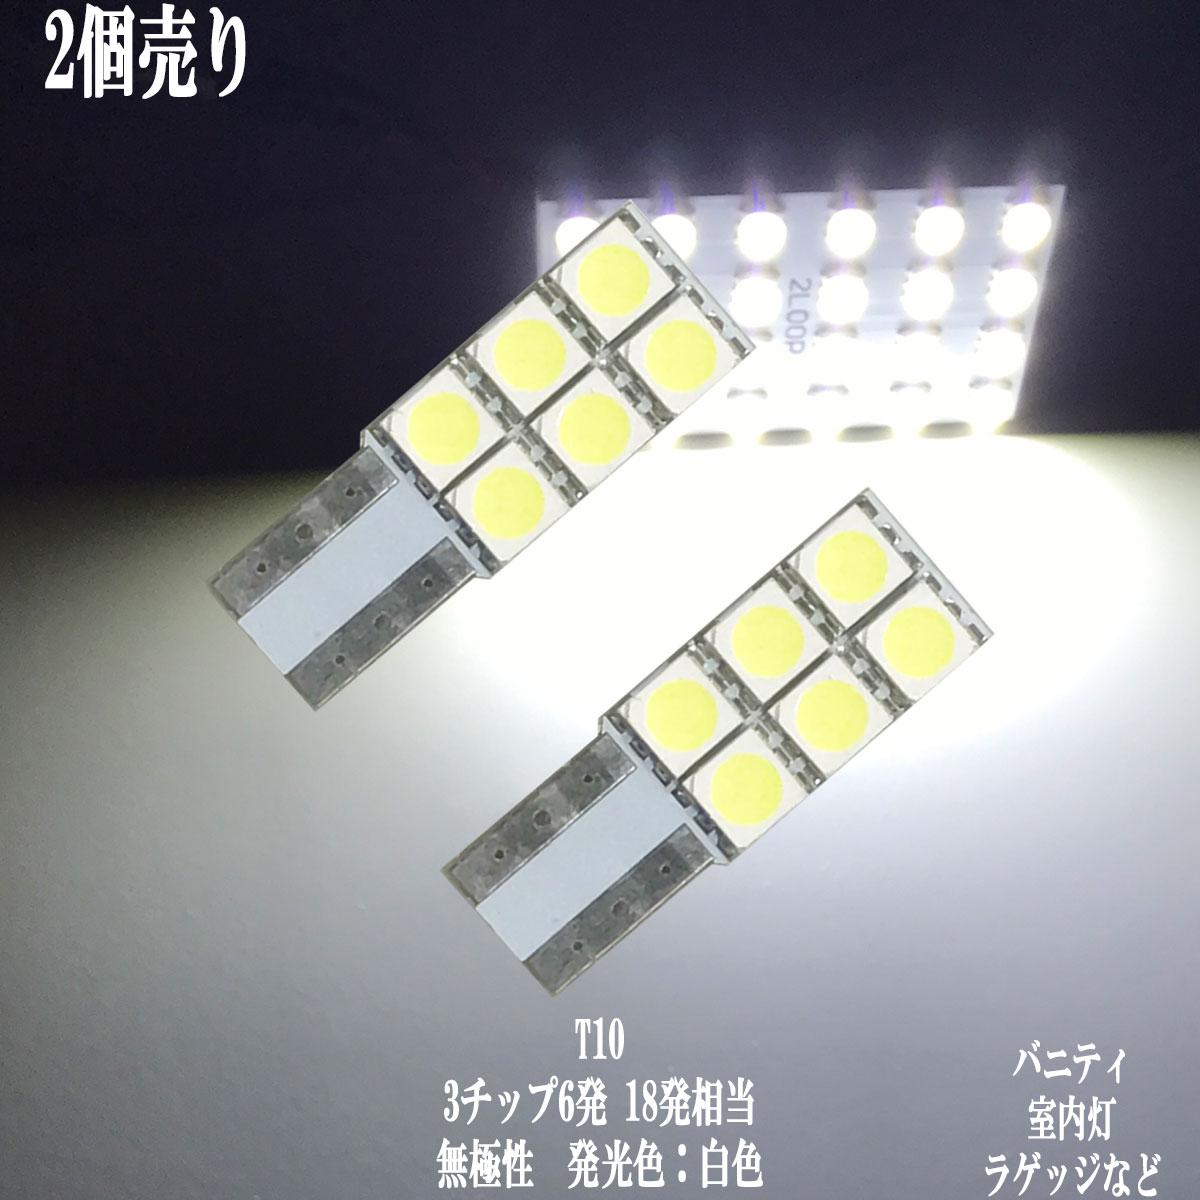 あす楽可 カスタム ルームランプ 人気の定番 車内が明るく アウトドアにも便利 まばゆい光 定番の 白 ホワイト 純白光 車検対応 2個セット T10 LED 毎日がバーゲンセール 11mm×31mm 6連 6000Kクラスの led ラゲッジ 1年保証 3チップSMD 車内灯 led電球 t10 12v バニティ 綺麗な光 トランク